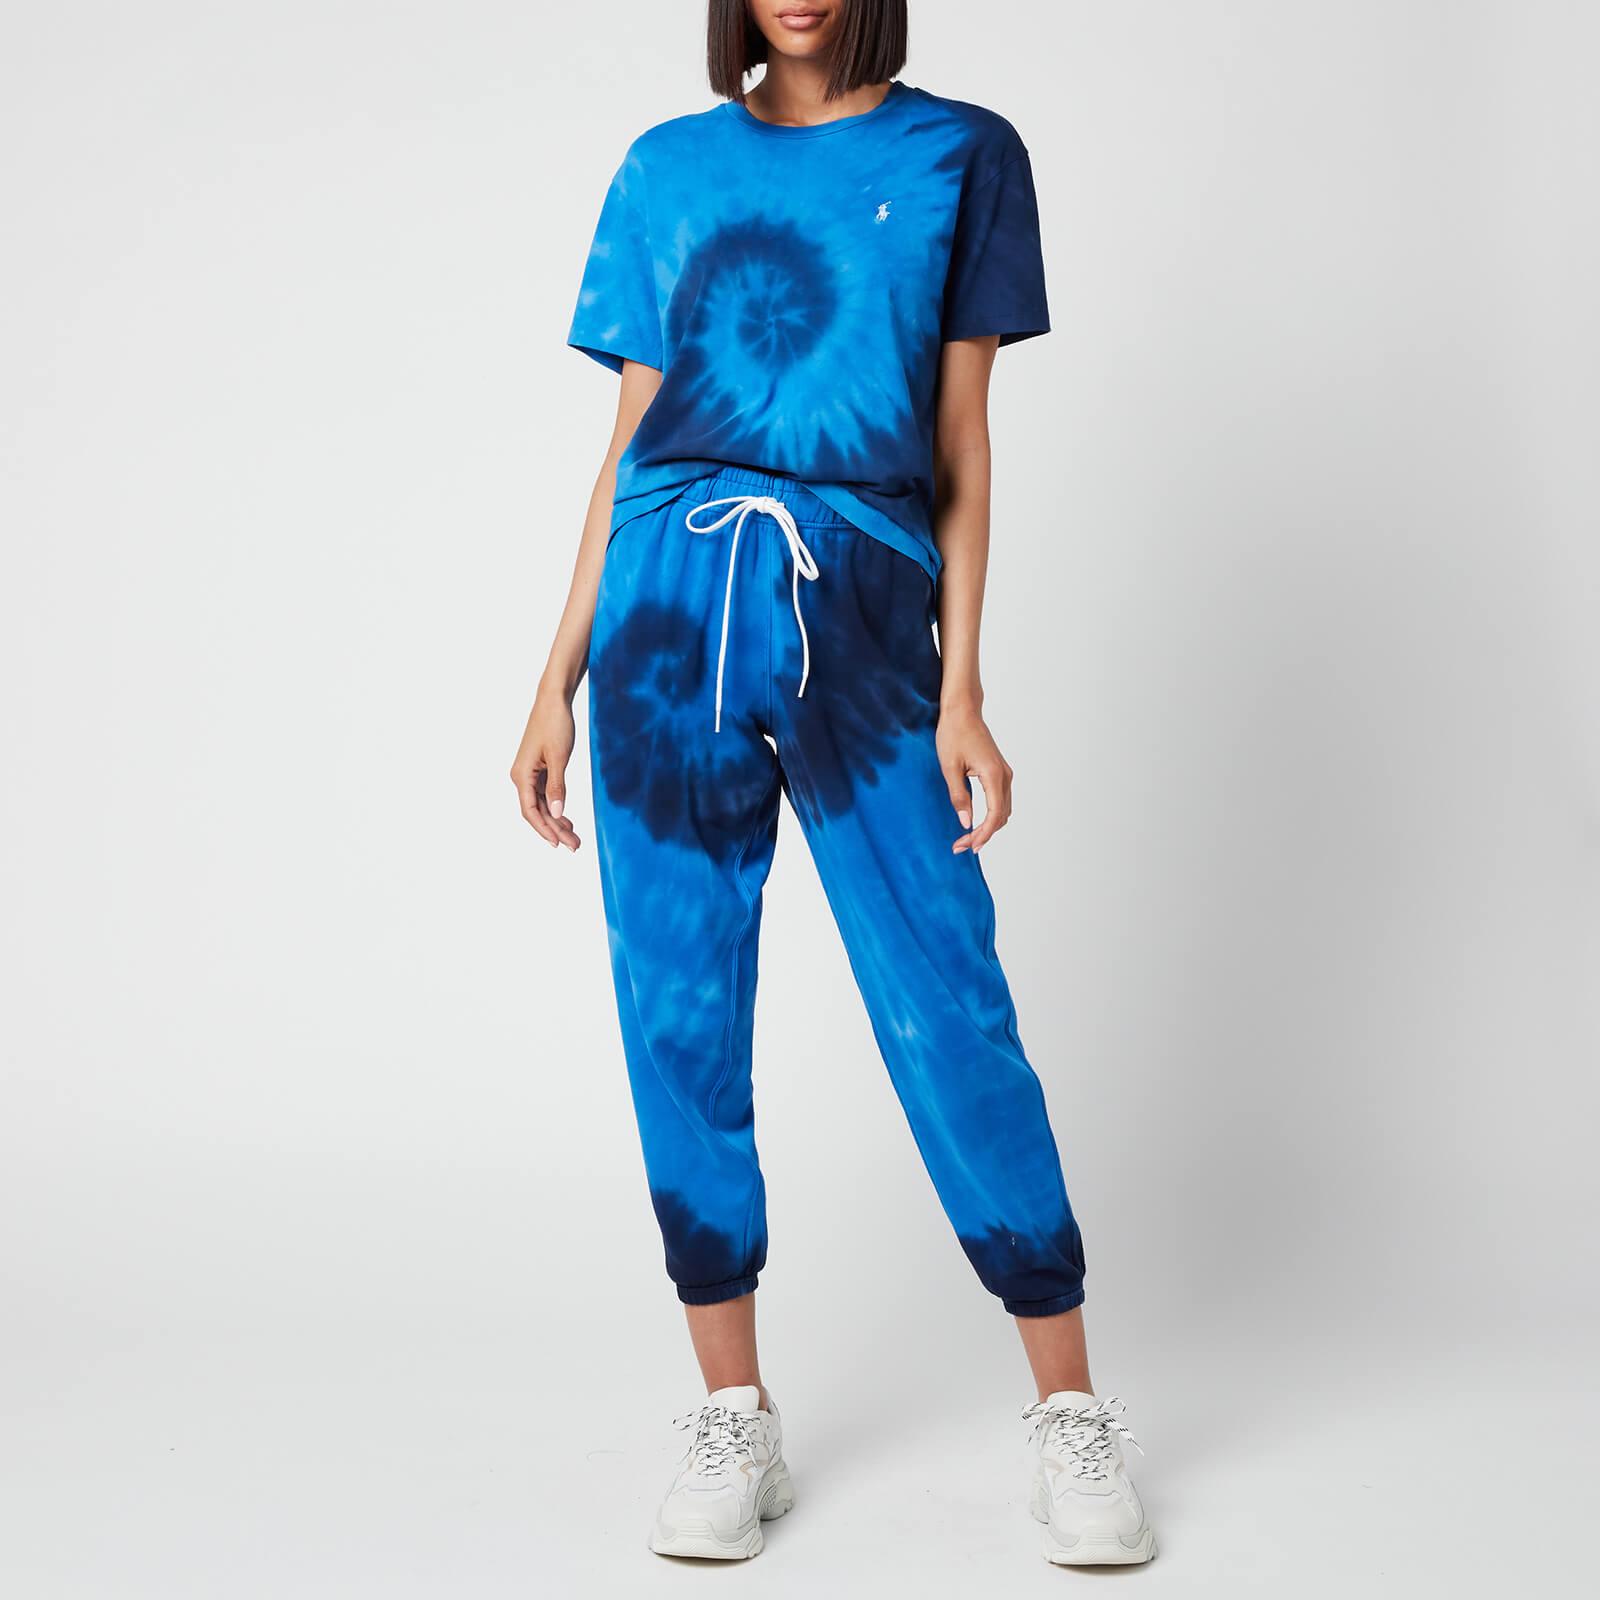 polo ralph lauren women's tie dye sweatpants - blue ocean - xs